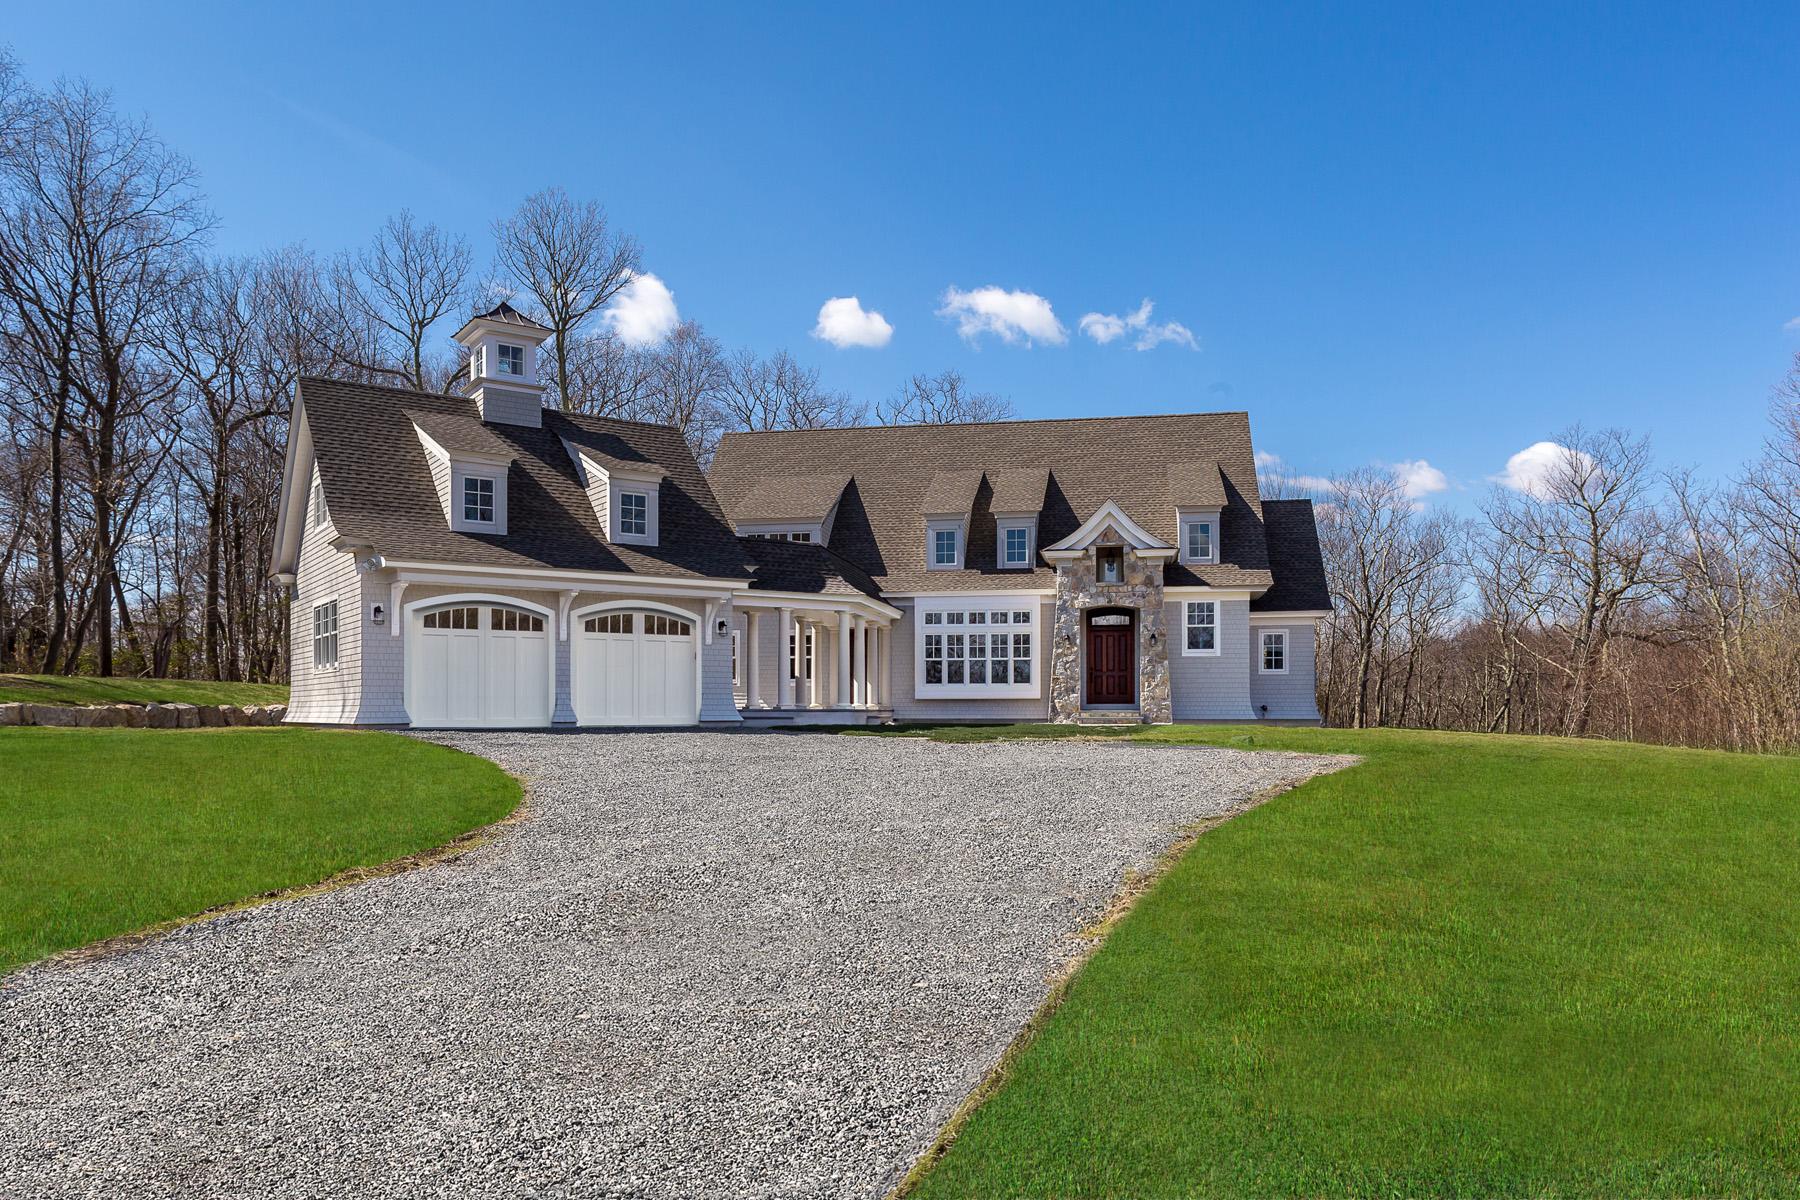 단독 가정 주택 용 매매 에 New Construction 11 Hillcrest Lane Weston, 코네티컷, 06883 미국